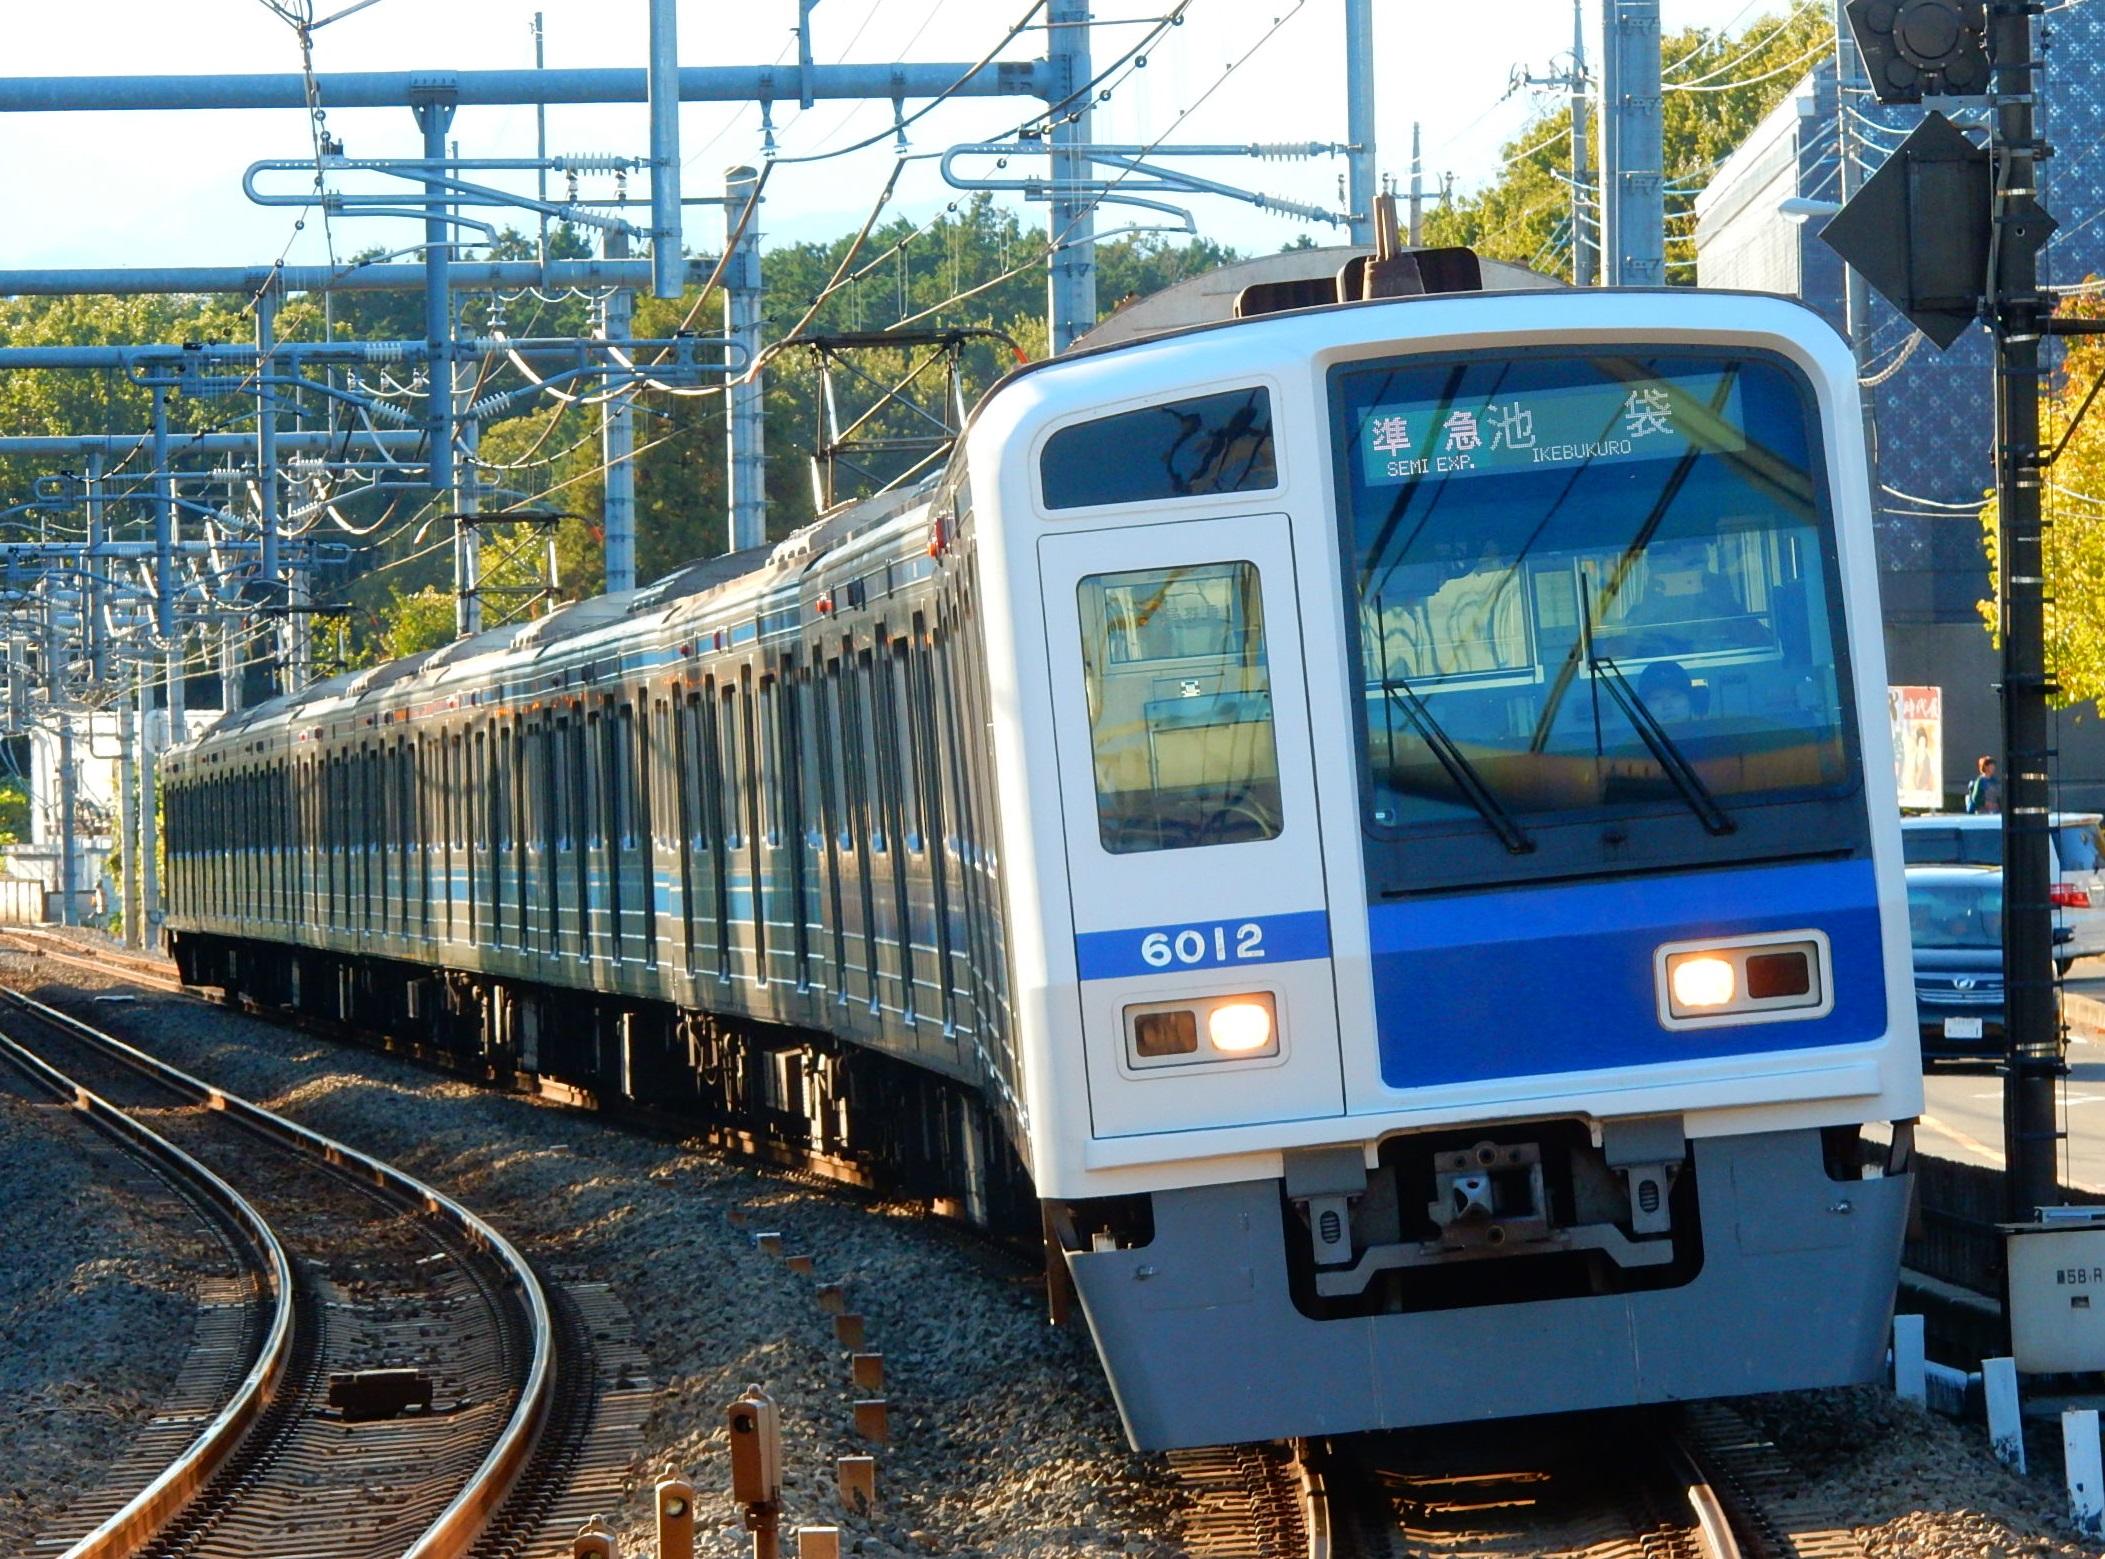 DSCN7914.jpg